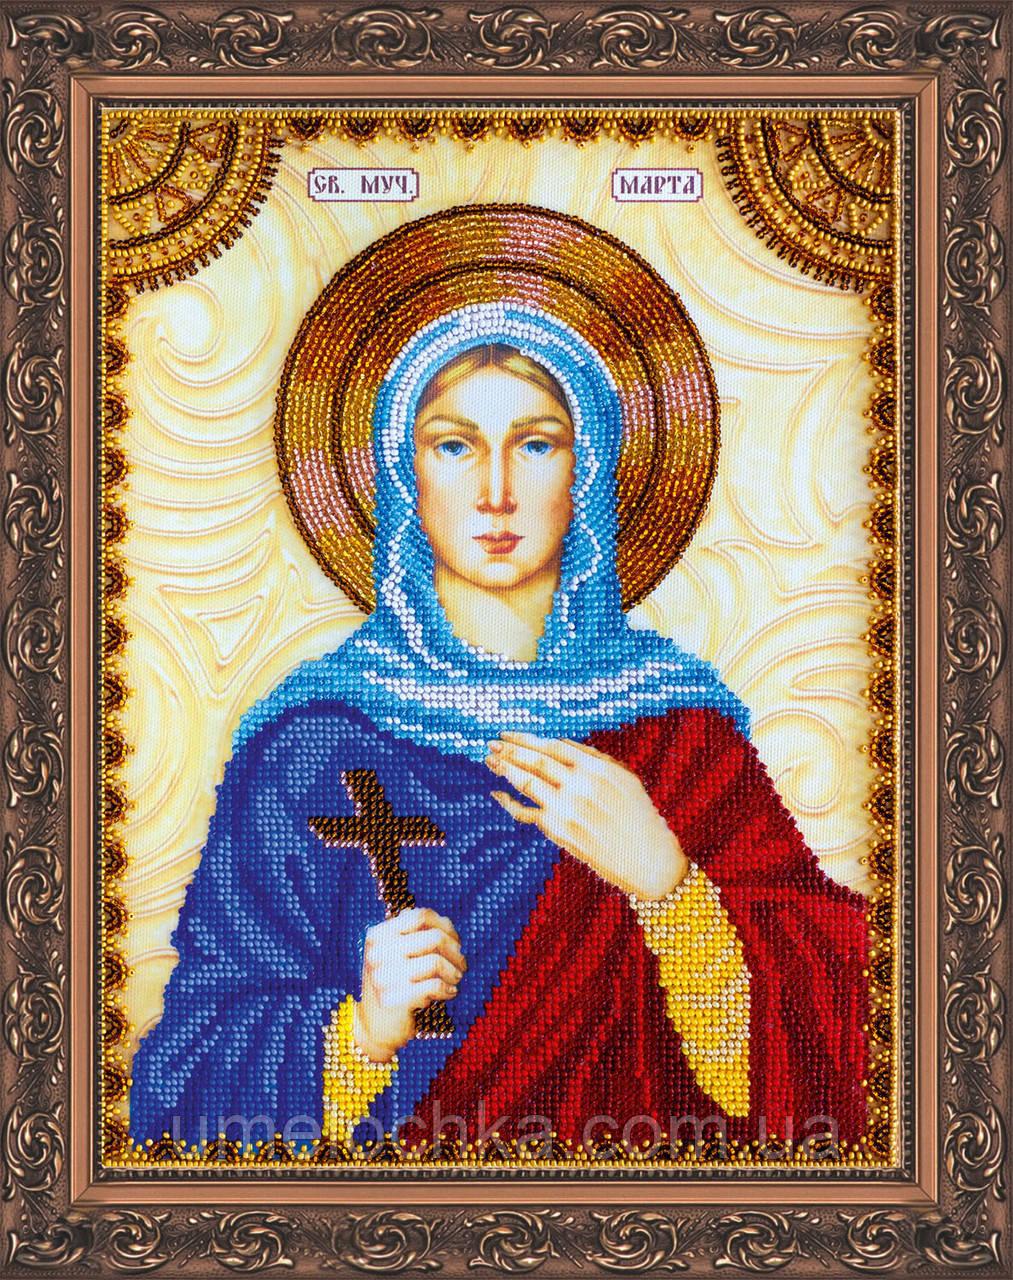 Набор для вышивки бисером на натуральном художественном холсте Святая Марта